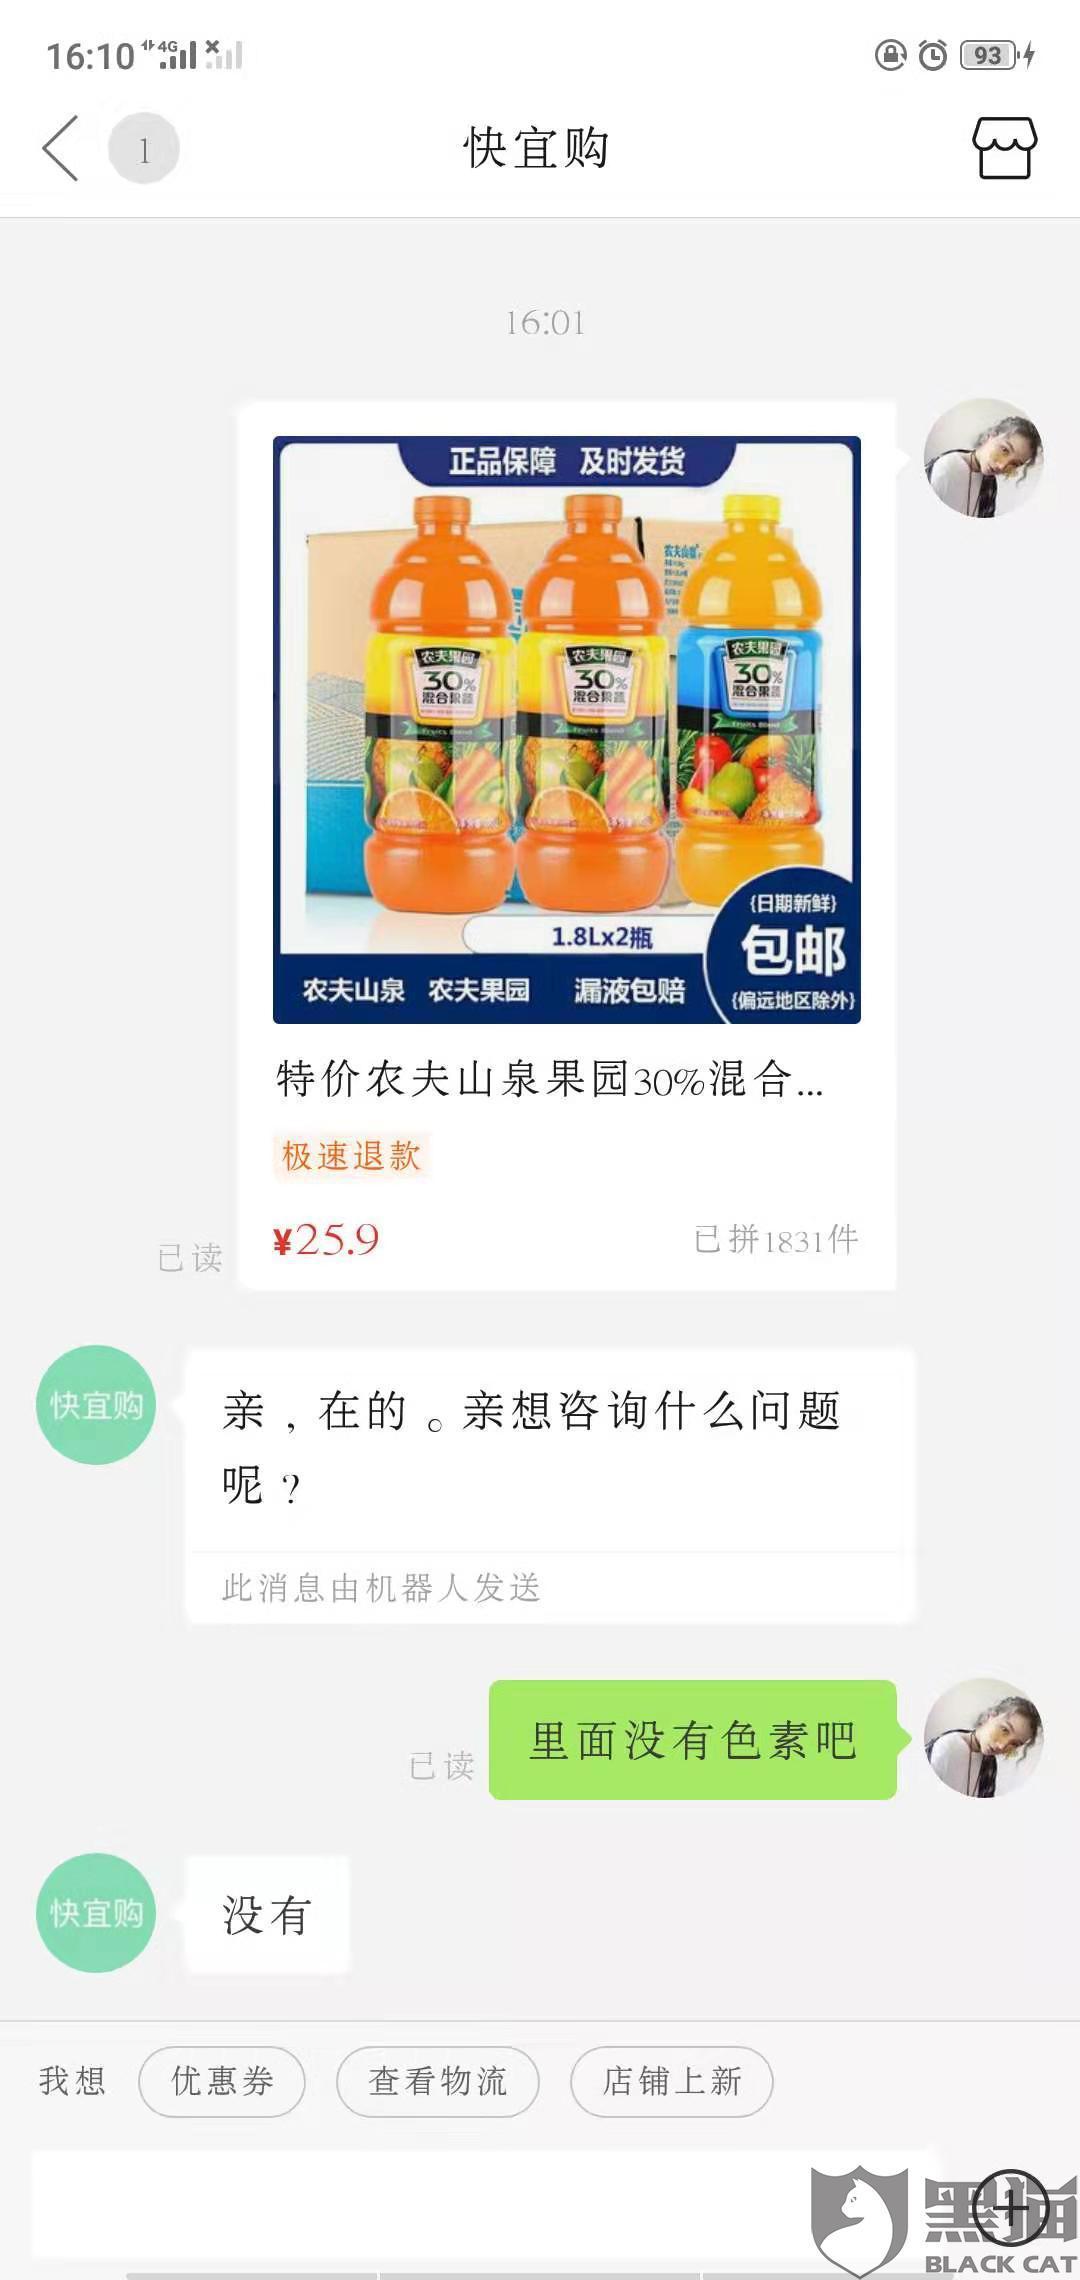 色农夫影院_8l*2瓶商品,咨询客服问他有没有色素,客服回答没有,购买到货后发现